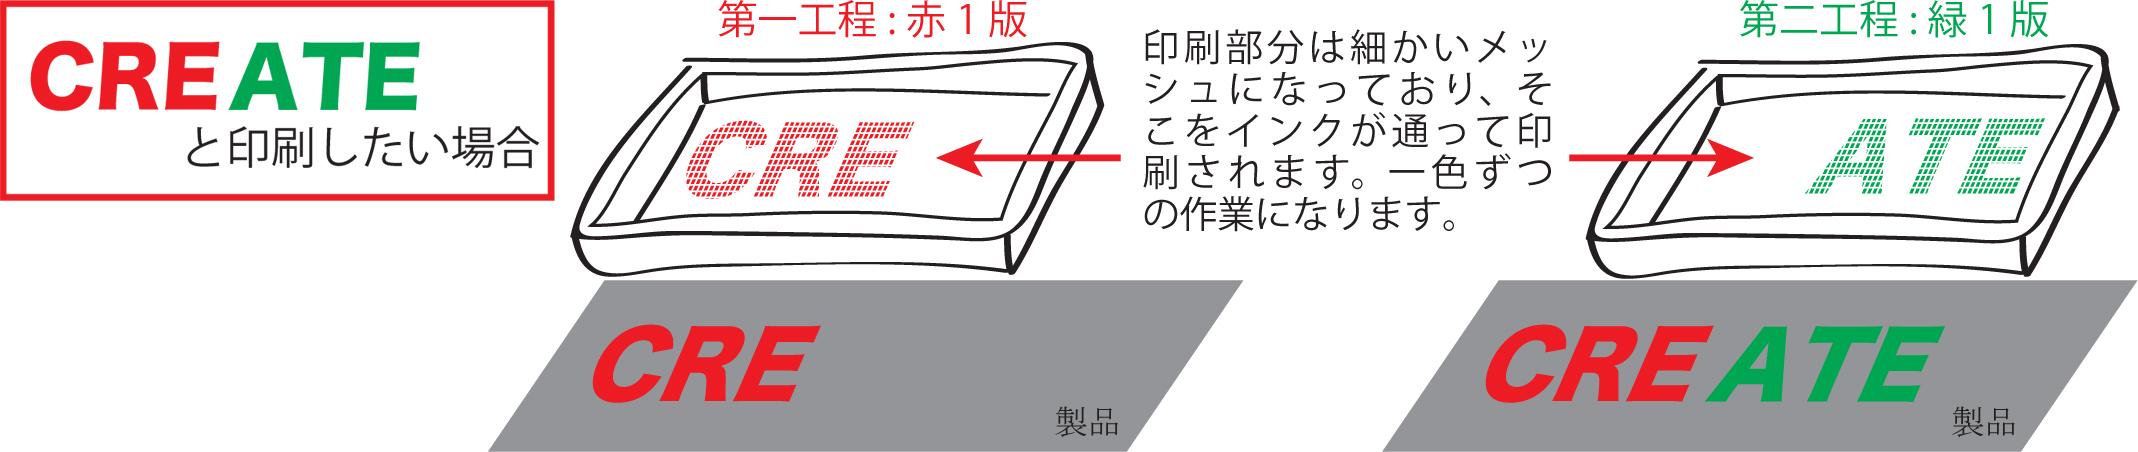 シルク印刷